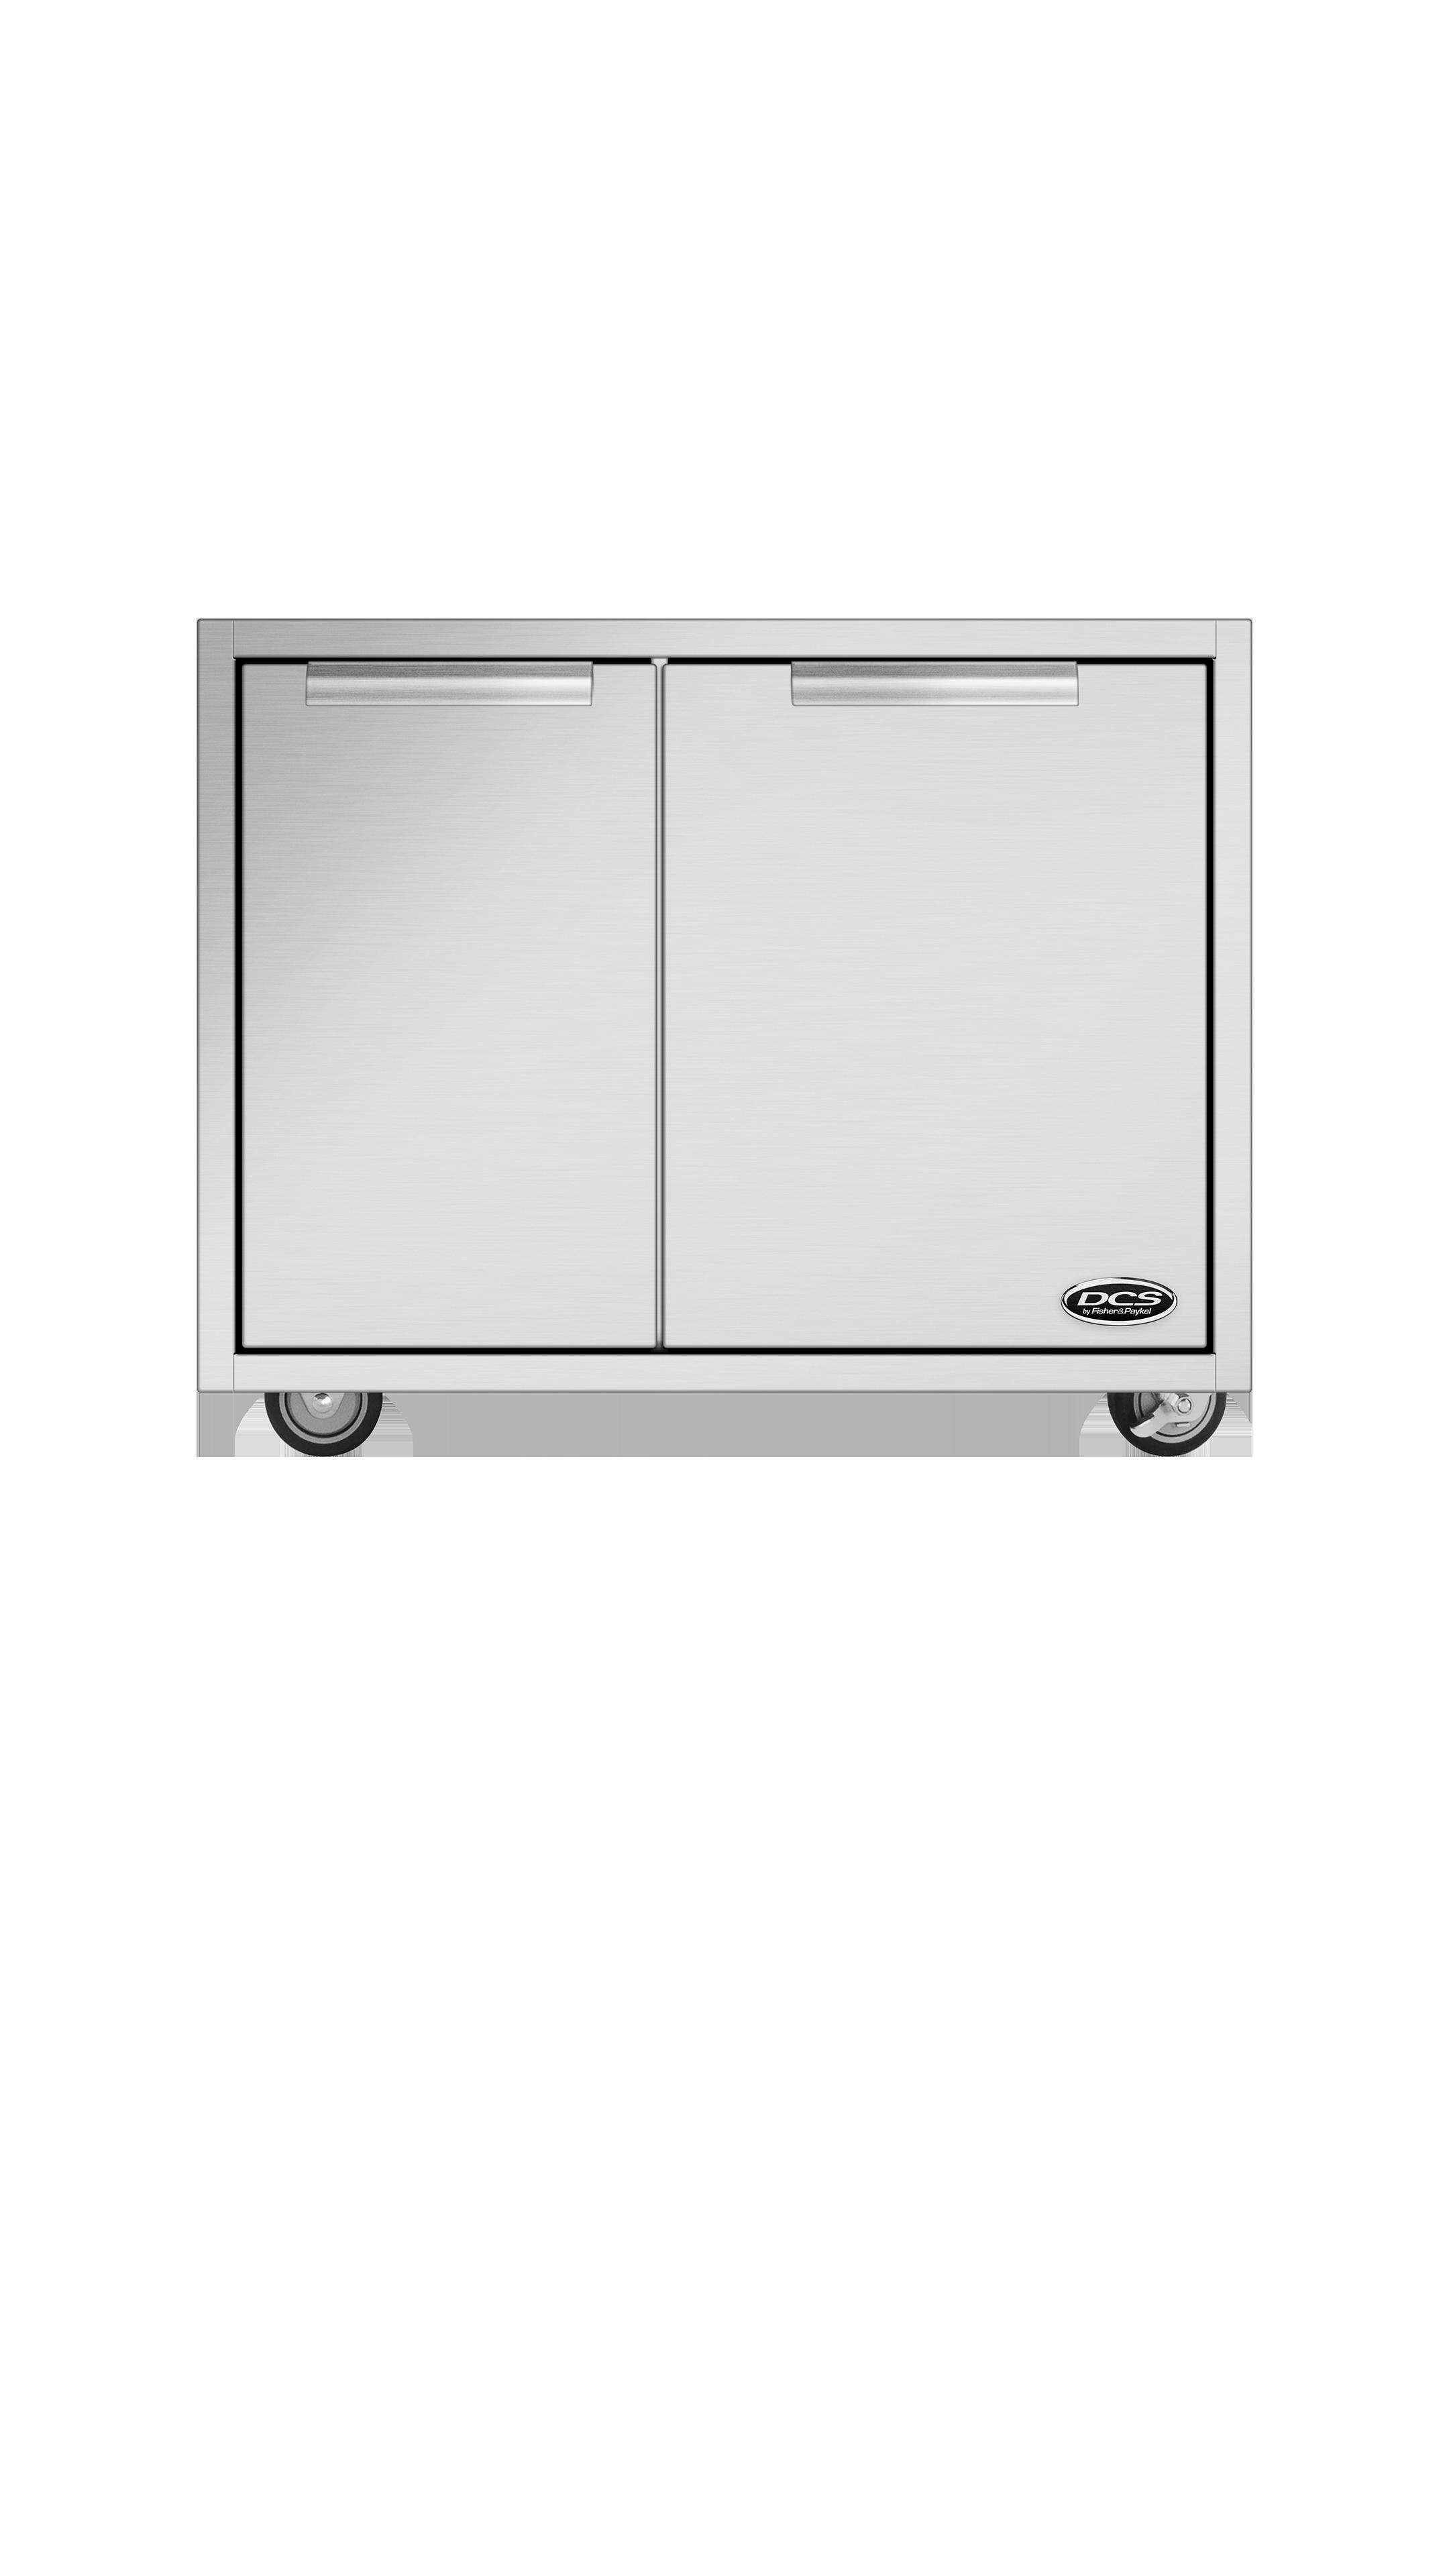 """Model: CAD1-30   DCS 30"""" Cad Grill Cart, Series 7"""